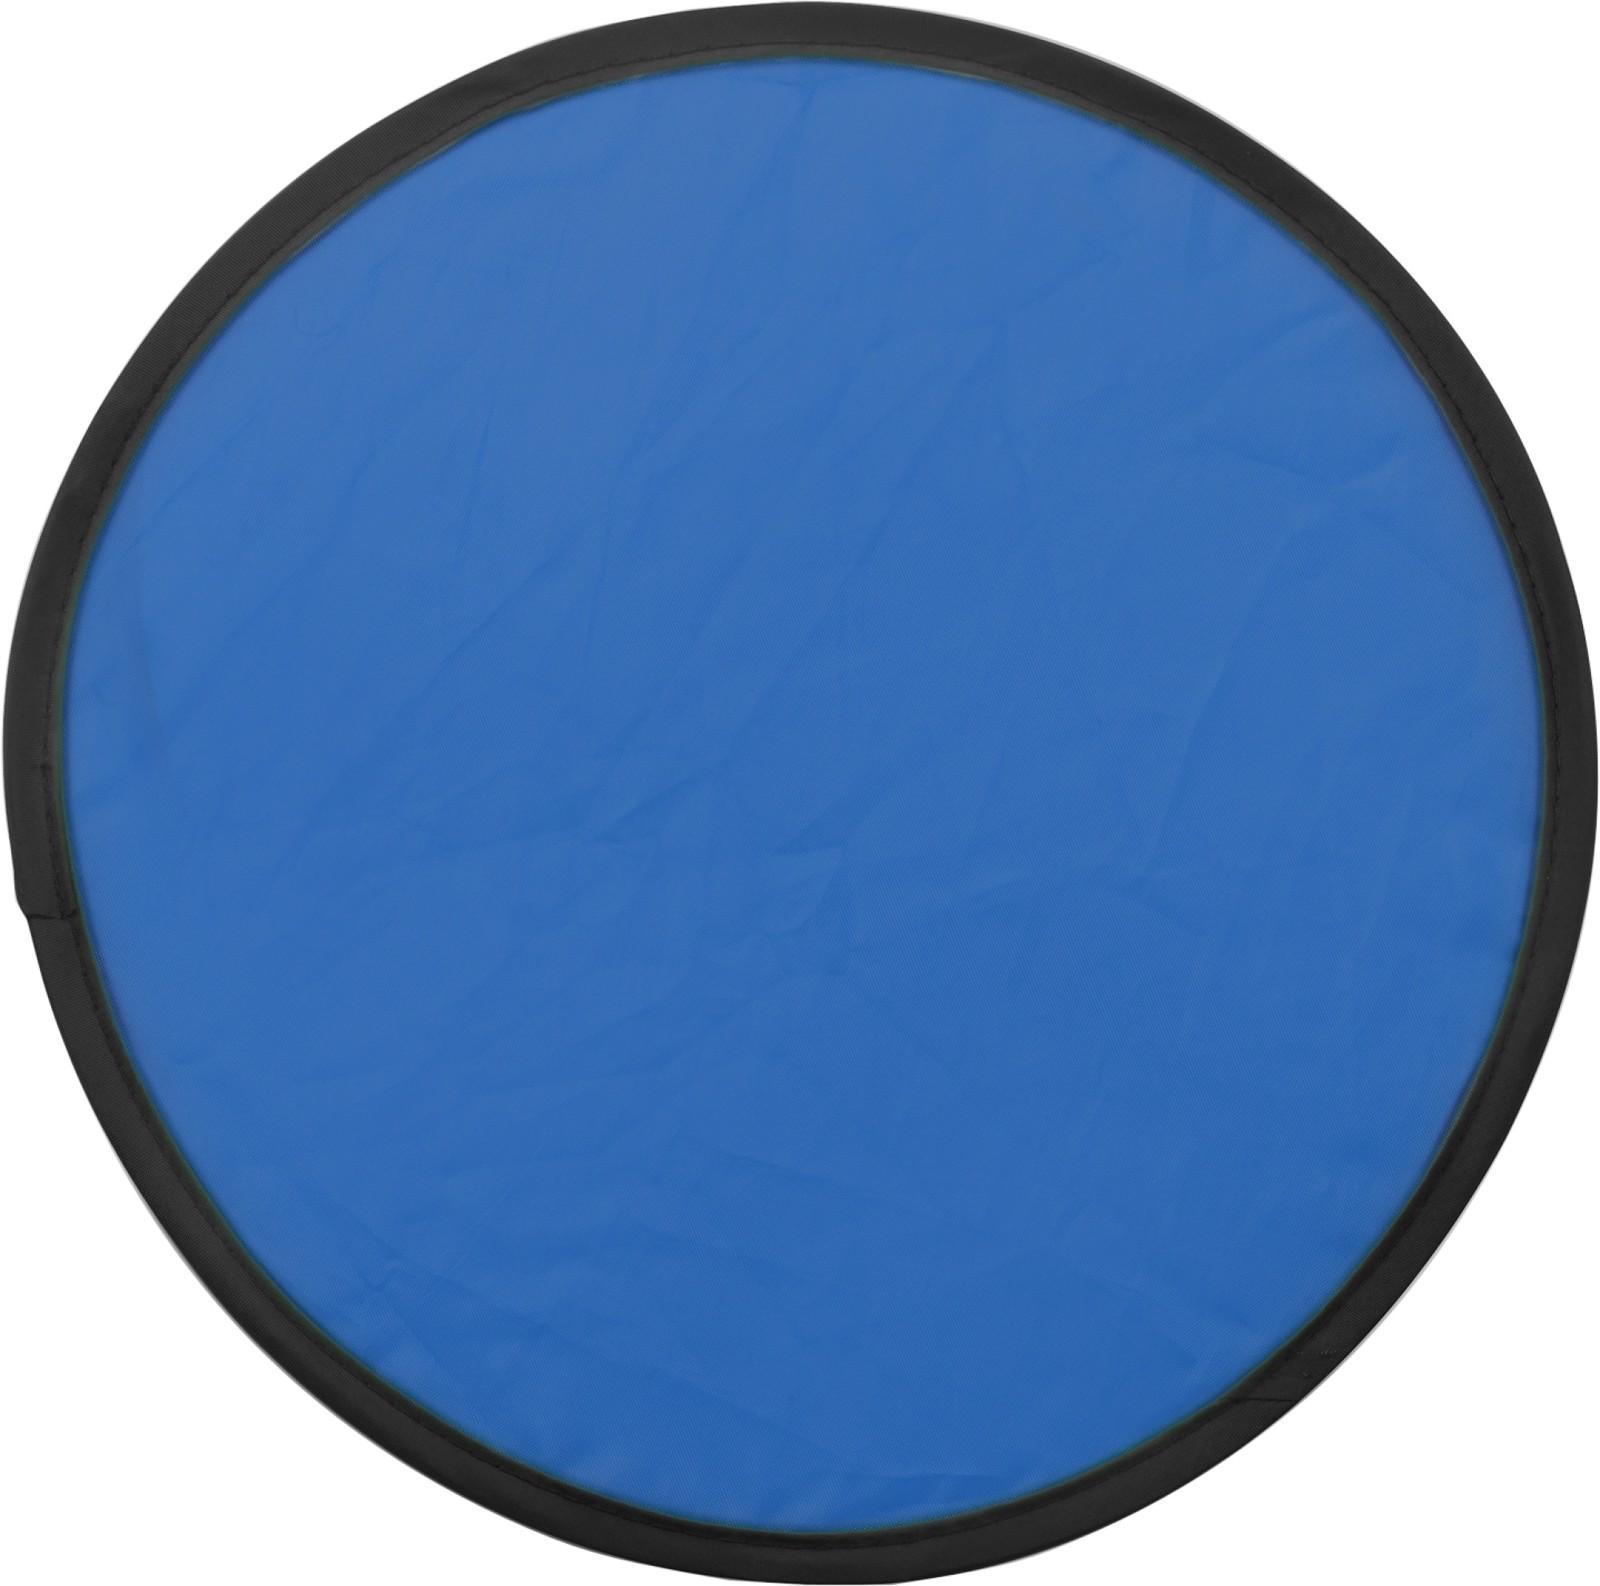 Nylon (170T) Frisbee - Cobalt Blue